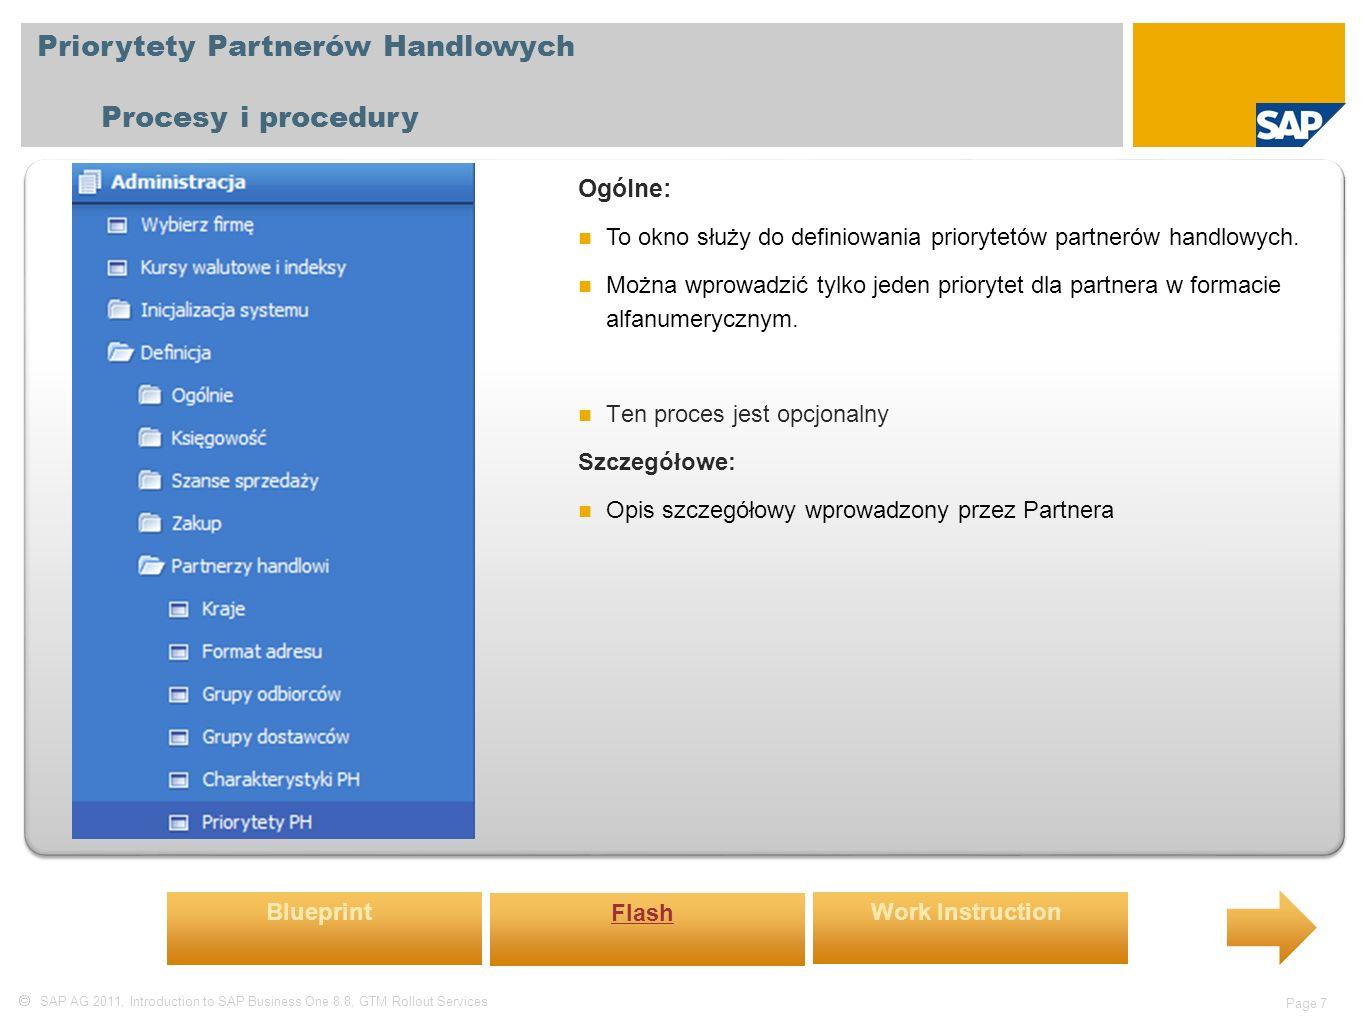  SAP AG 2011, Introduction to SAP Business One 8.8, GTM Rollout Services Page 8 Warunki monitowania dla Partnerów Handlowych Procesy i procedury Ogólne: Warunki monitowania stosuje się do automatycznego tworzenia monitów.